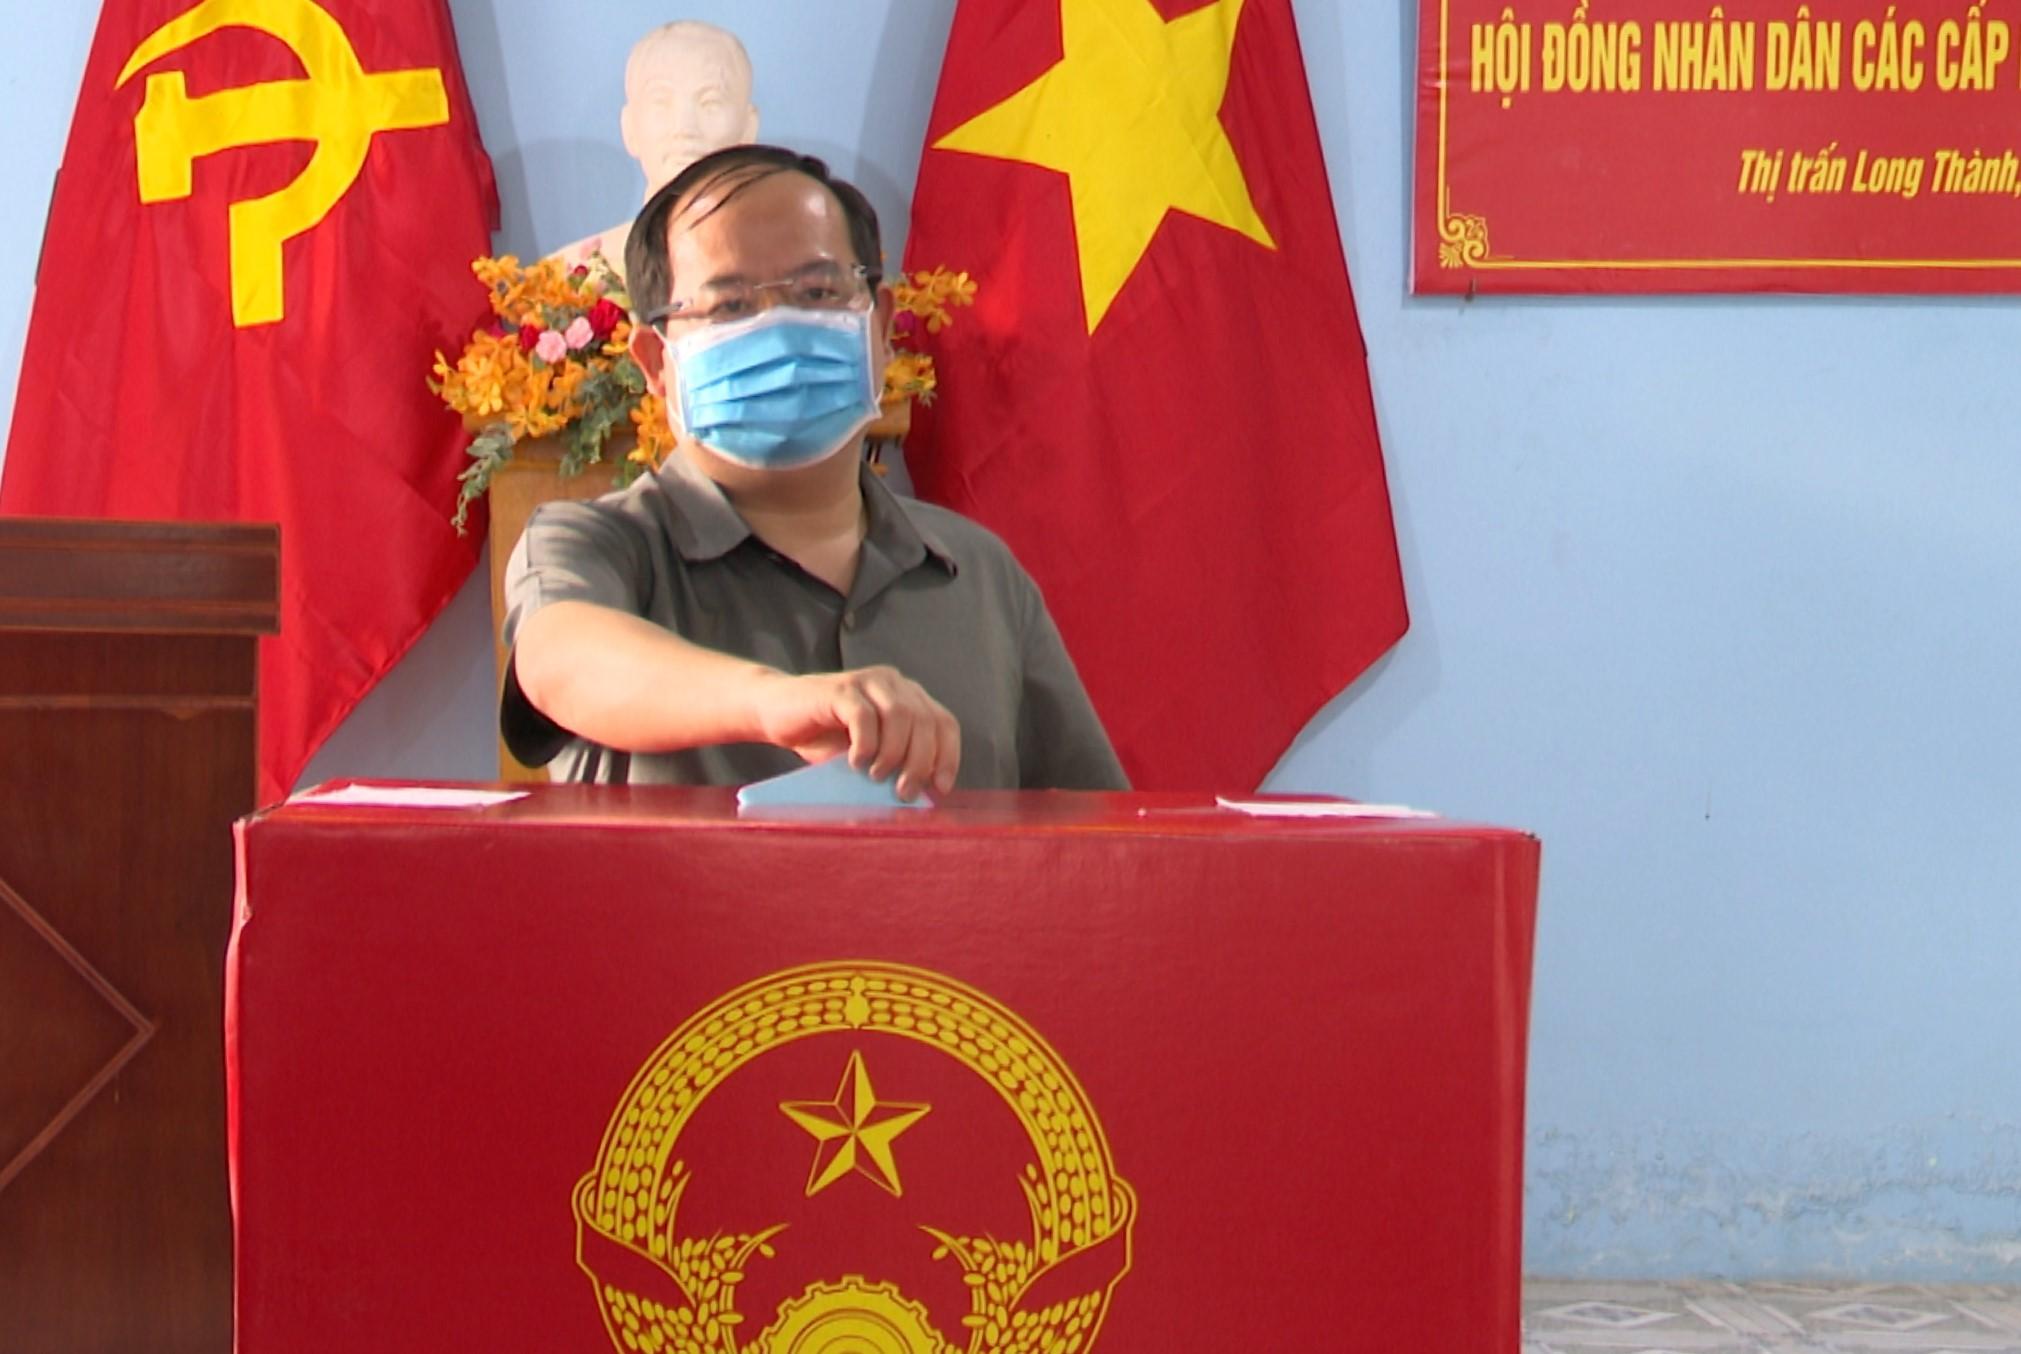 Phó bí thư Tỉnh ủy Quản Minh Cường bỏ phiếu bầu cử tại H.Long Thành